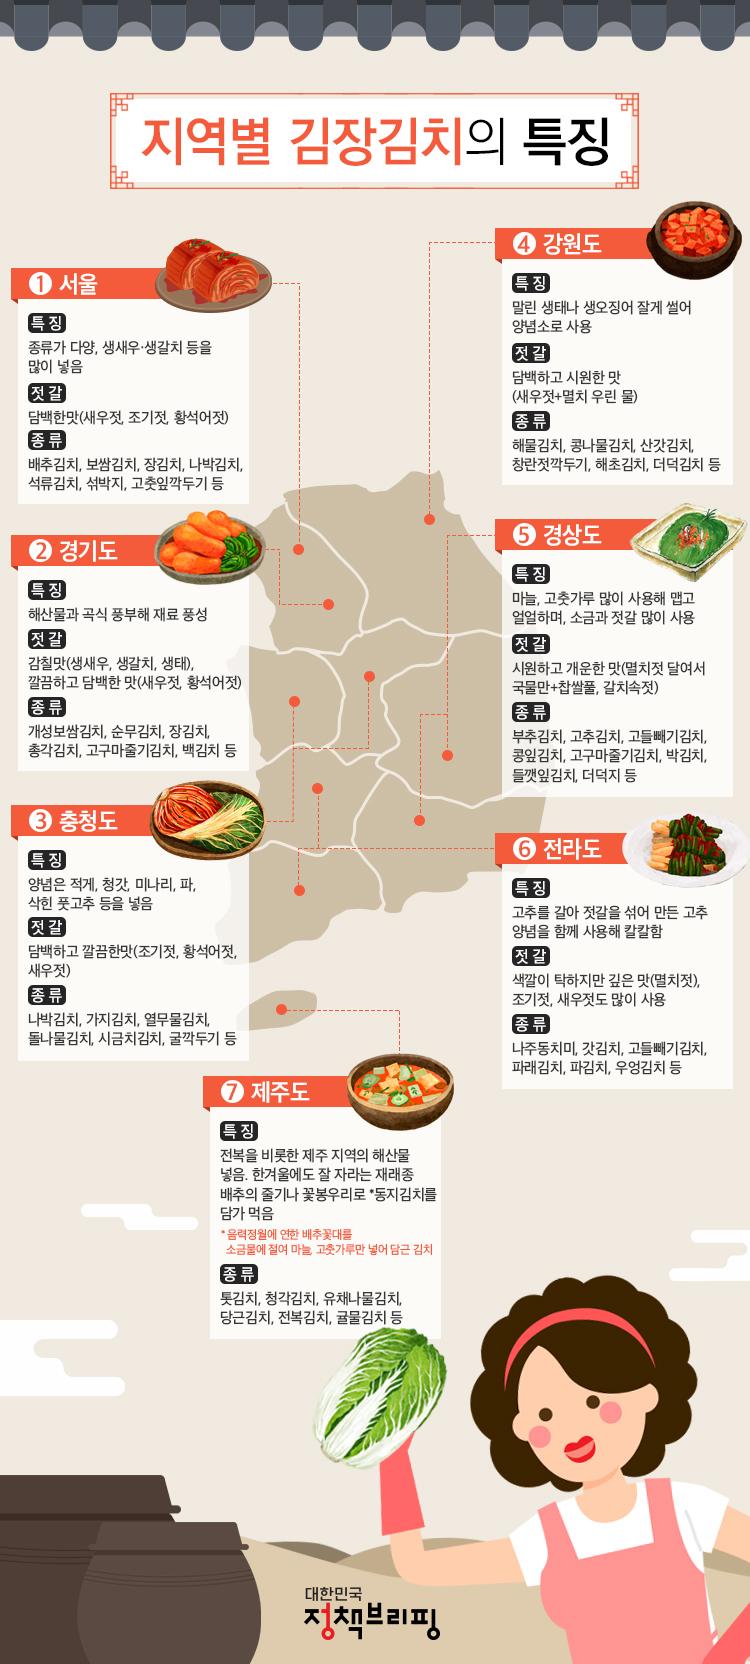 지역별 김치 종류